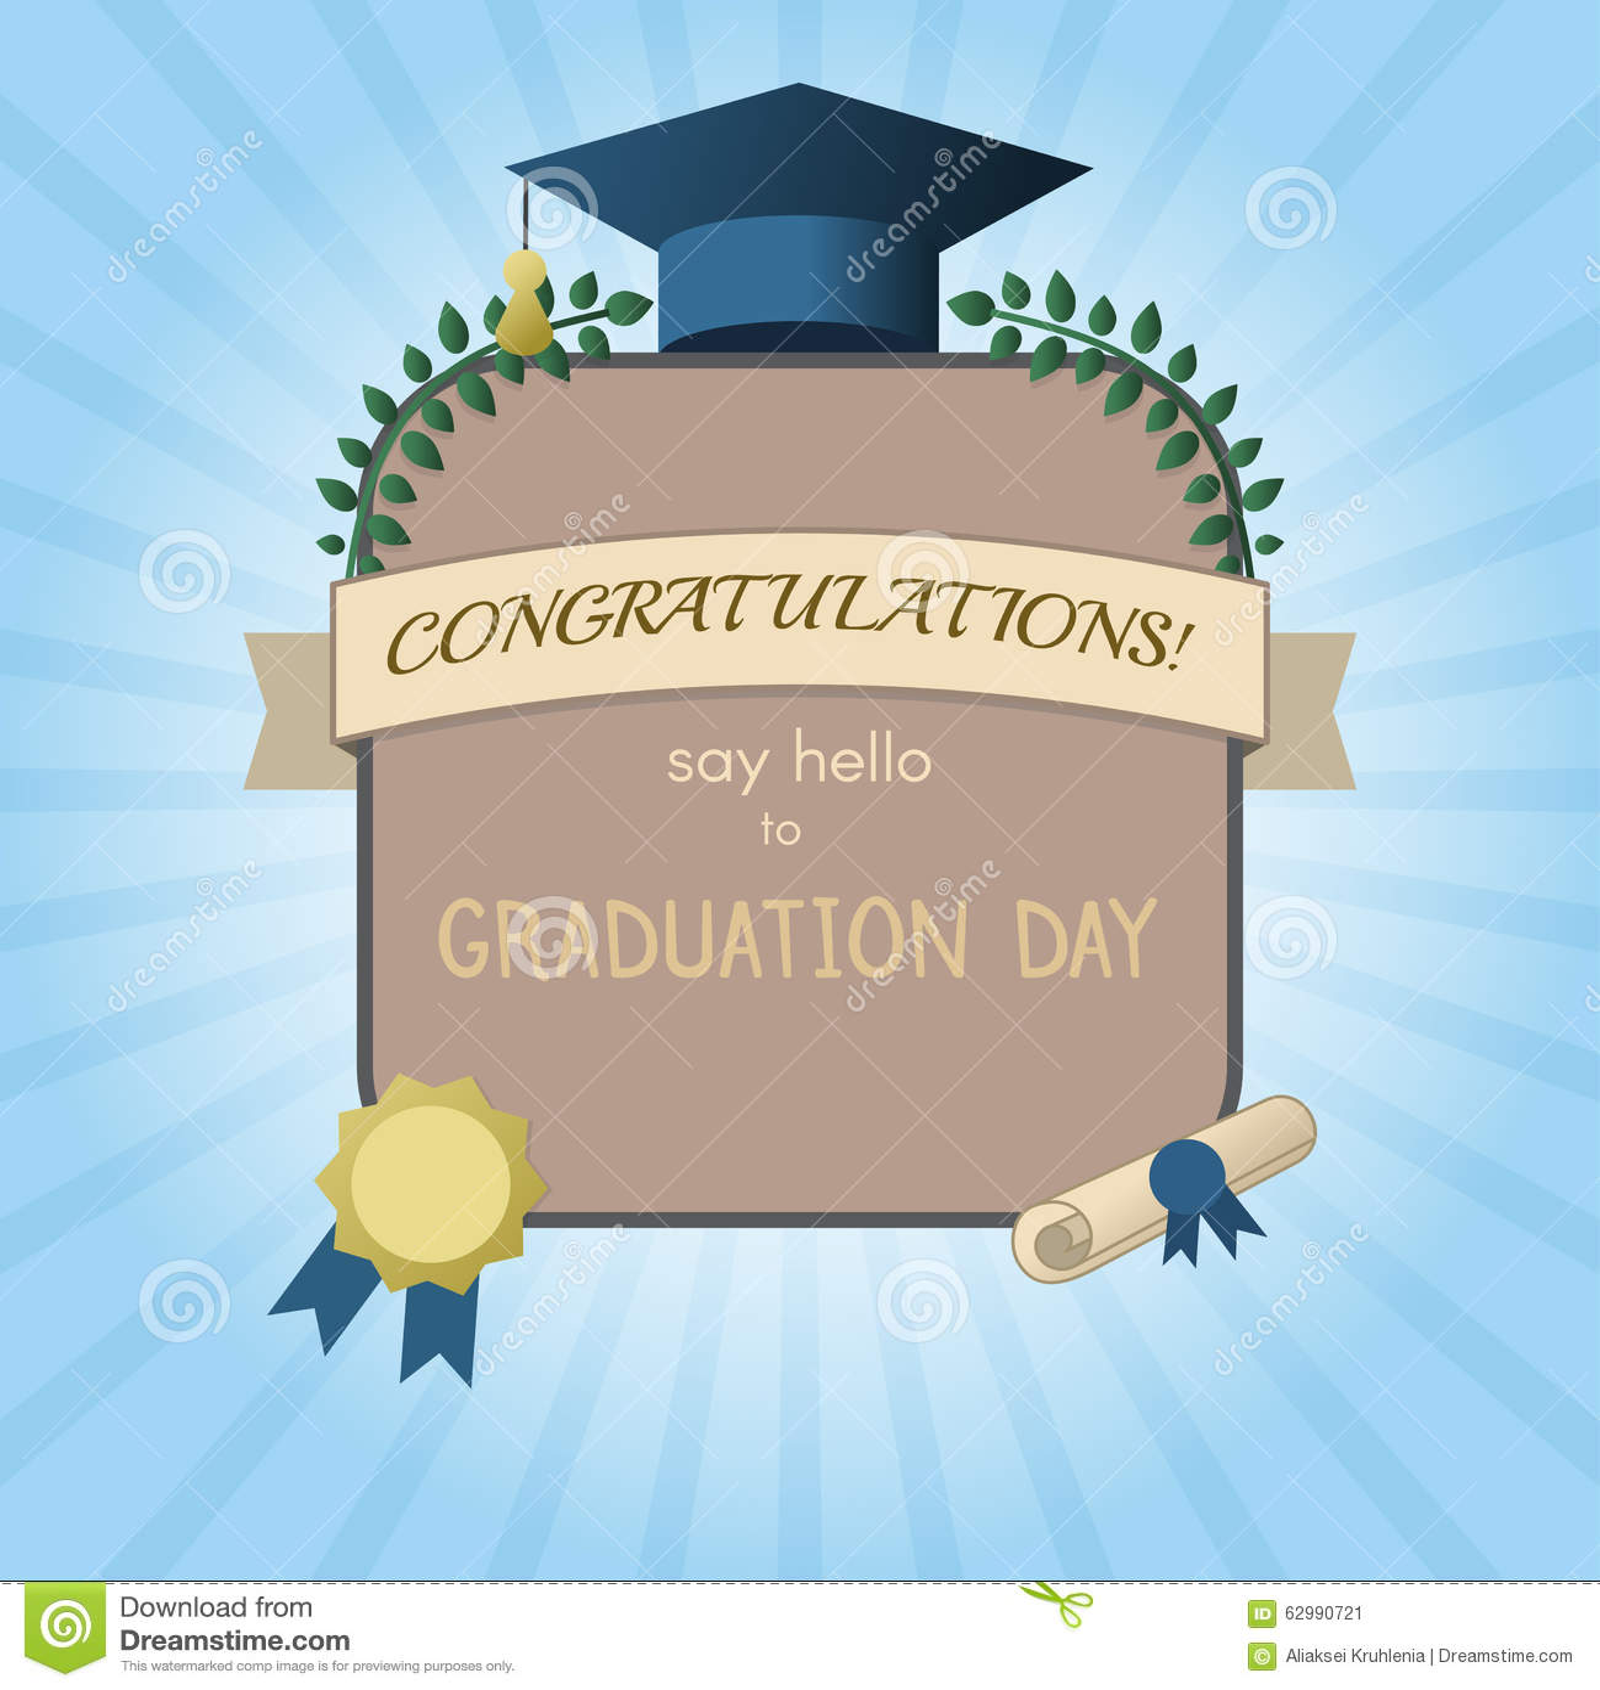 Graduation Invitation Postcard Or Certificate Template – Graduation Postcard Invitations